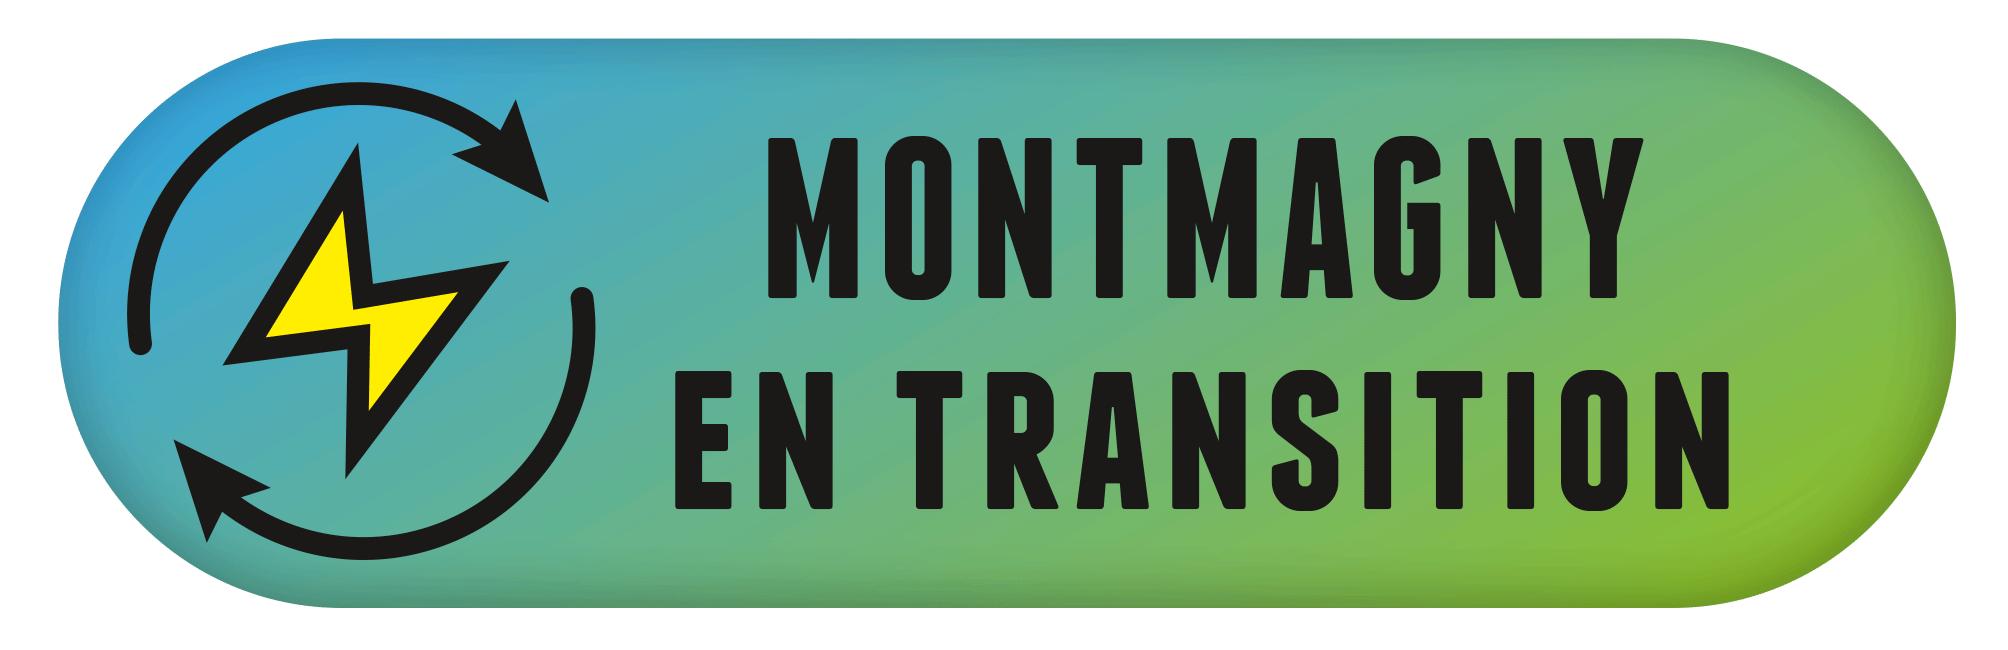 Montmagny en transition